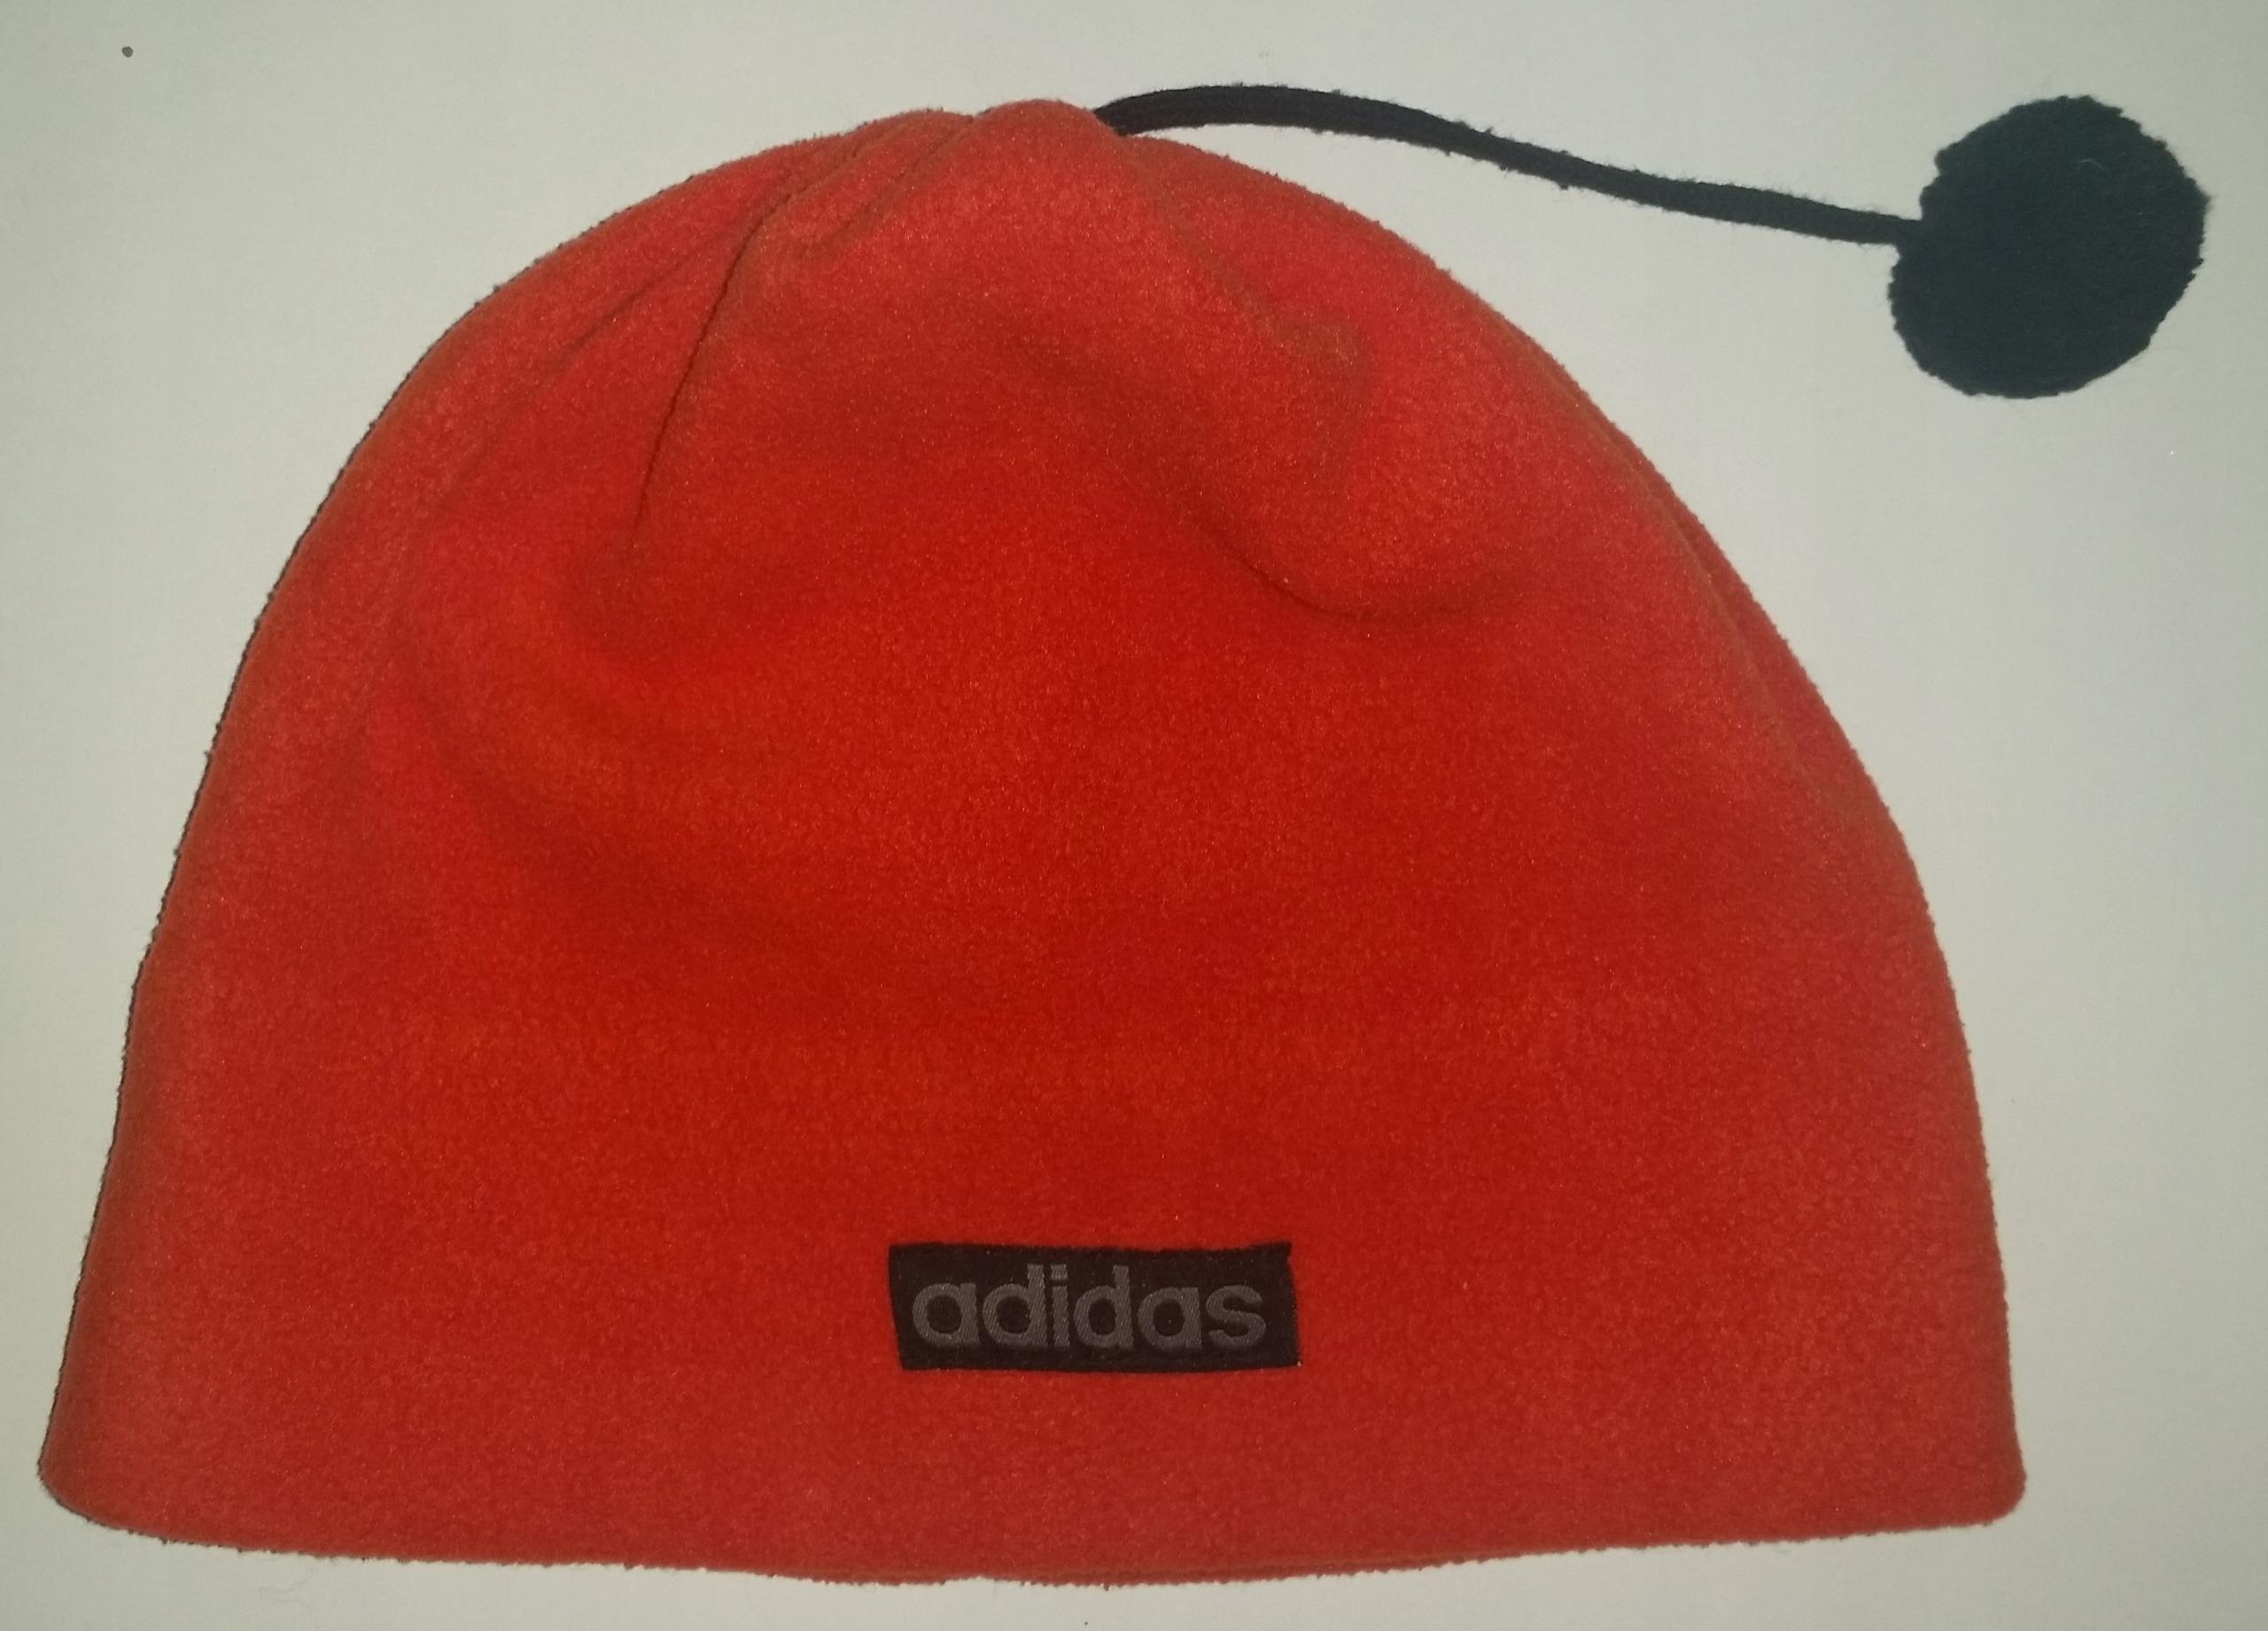 gorący produkt zaoszczędź do 80% ogromna zniżka ADIDAS - czapka chłopieca roz. S